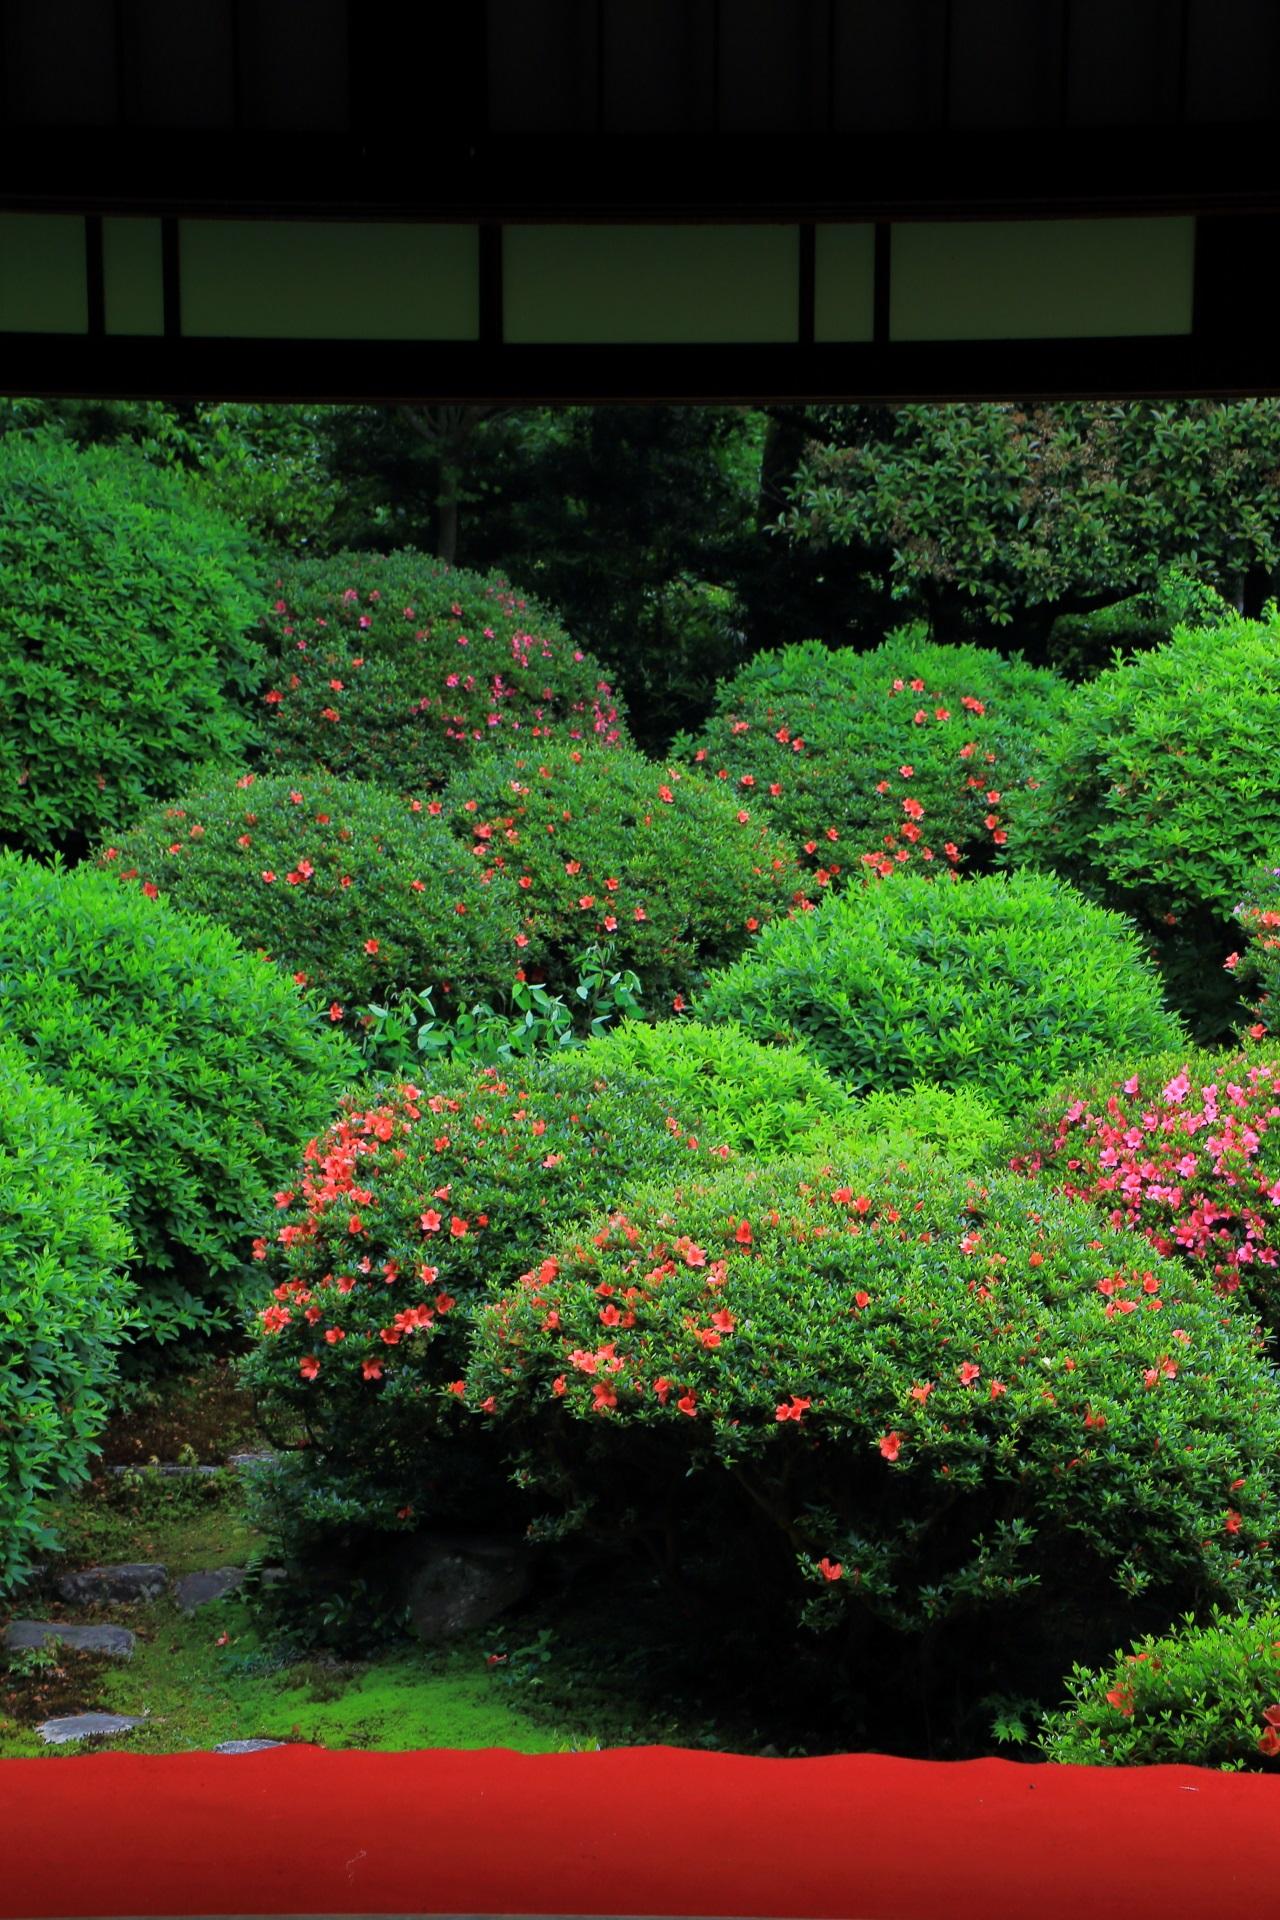 庭園を演出する縁側の赤い絨毯とコントラスト